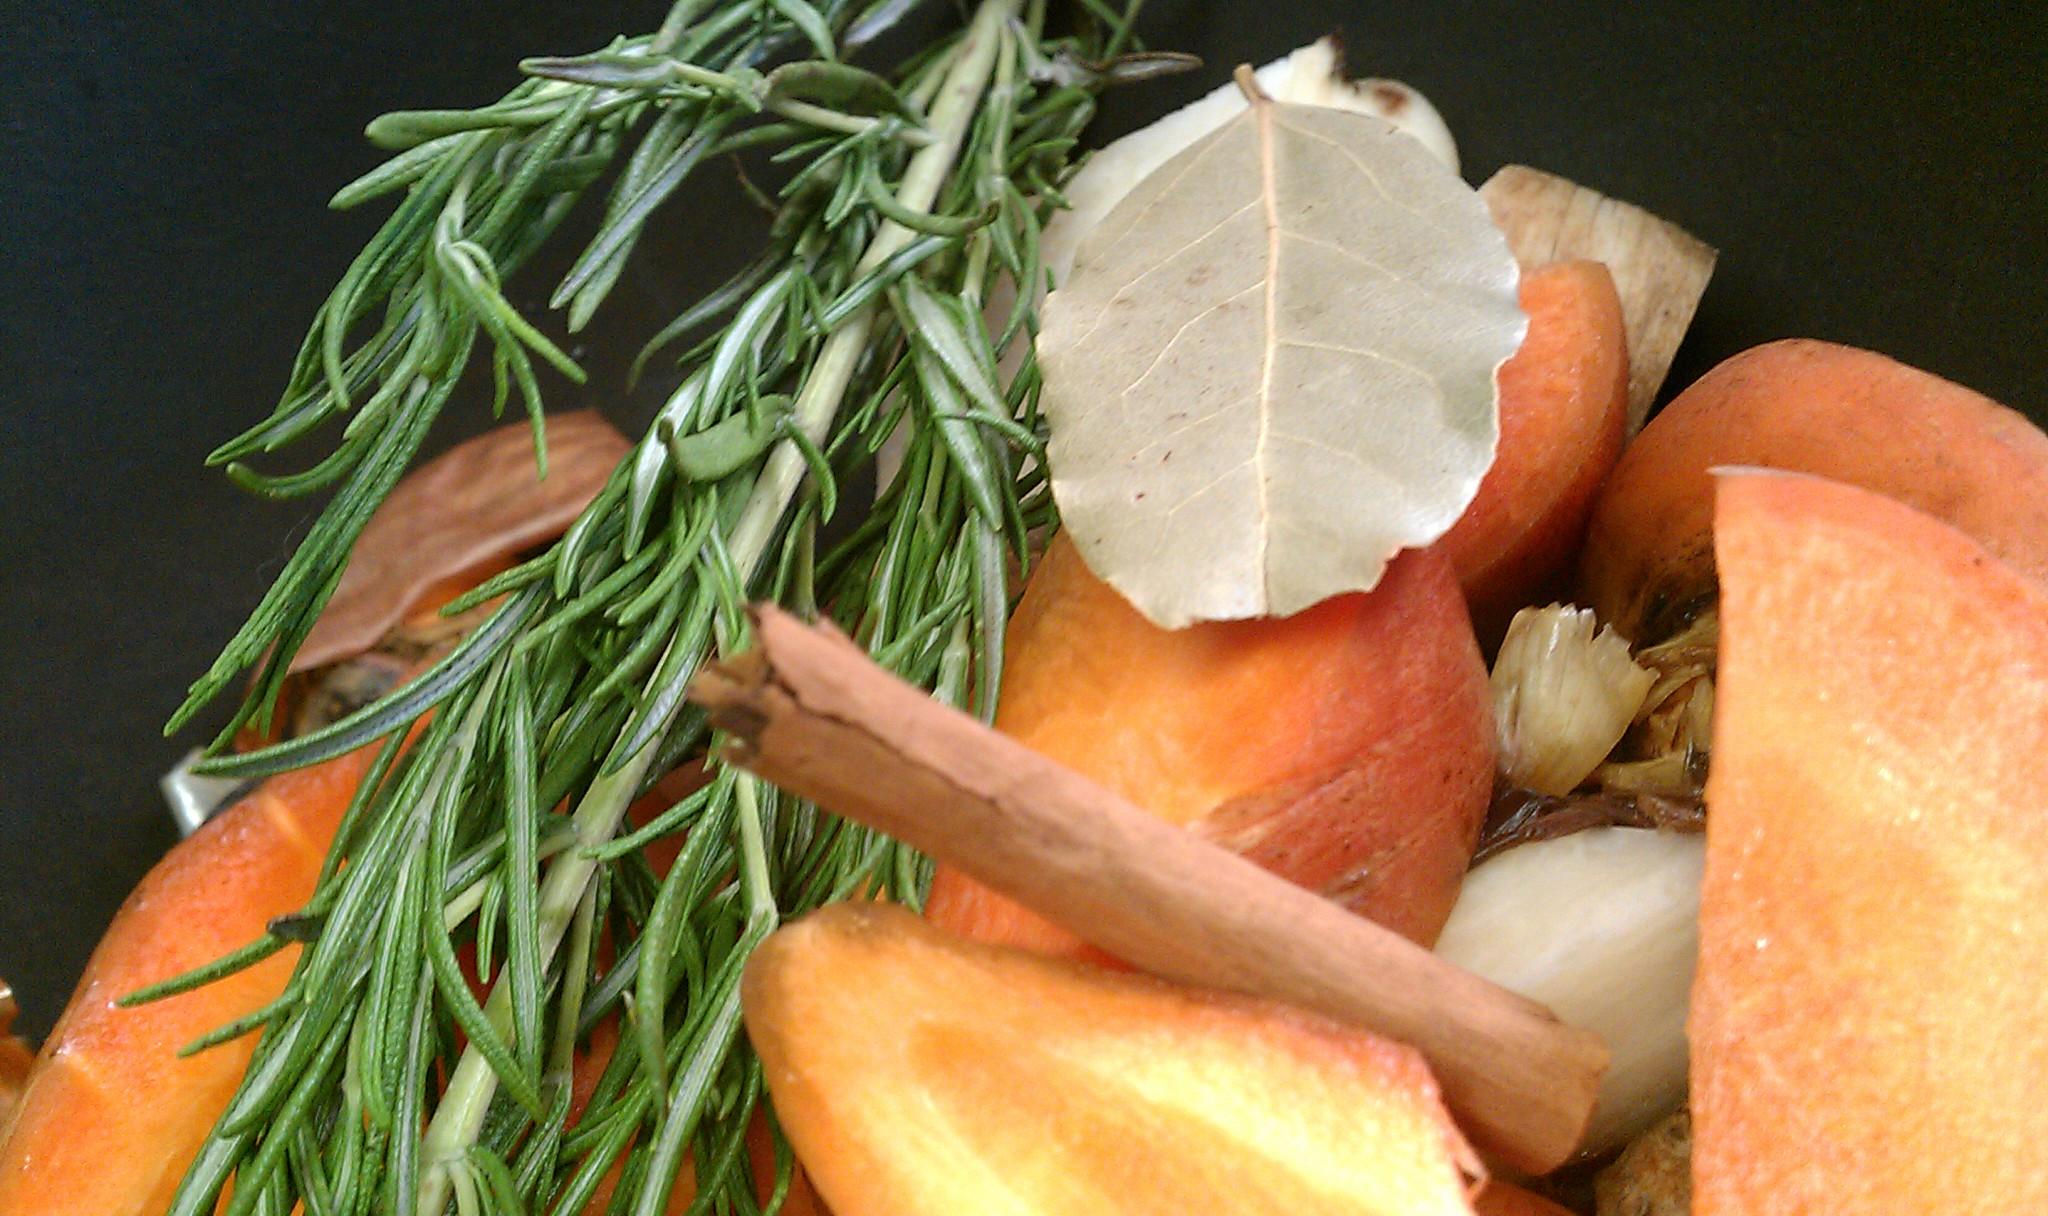 Sommerküche Tcm : Abwehrkräfte u shiatsu cuisine u gesunde ernährung mit tcm